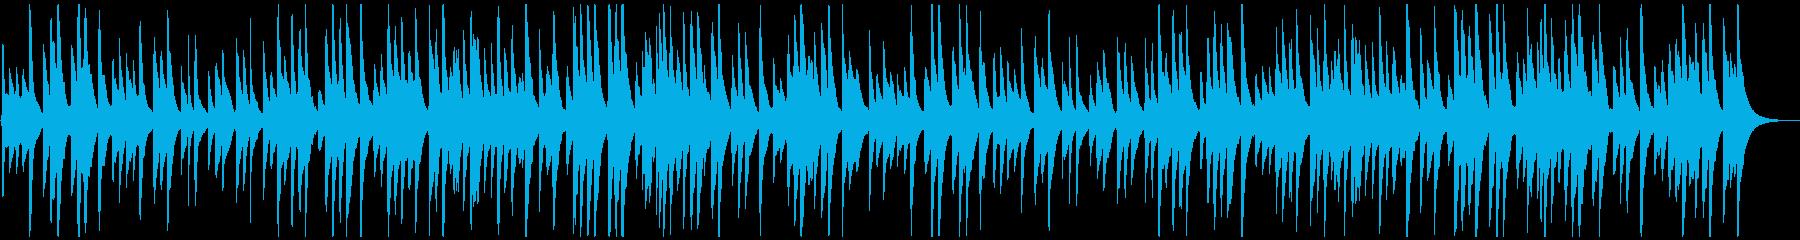 和風/落ち着いた料亭の上品な琴の再生済みの波形